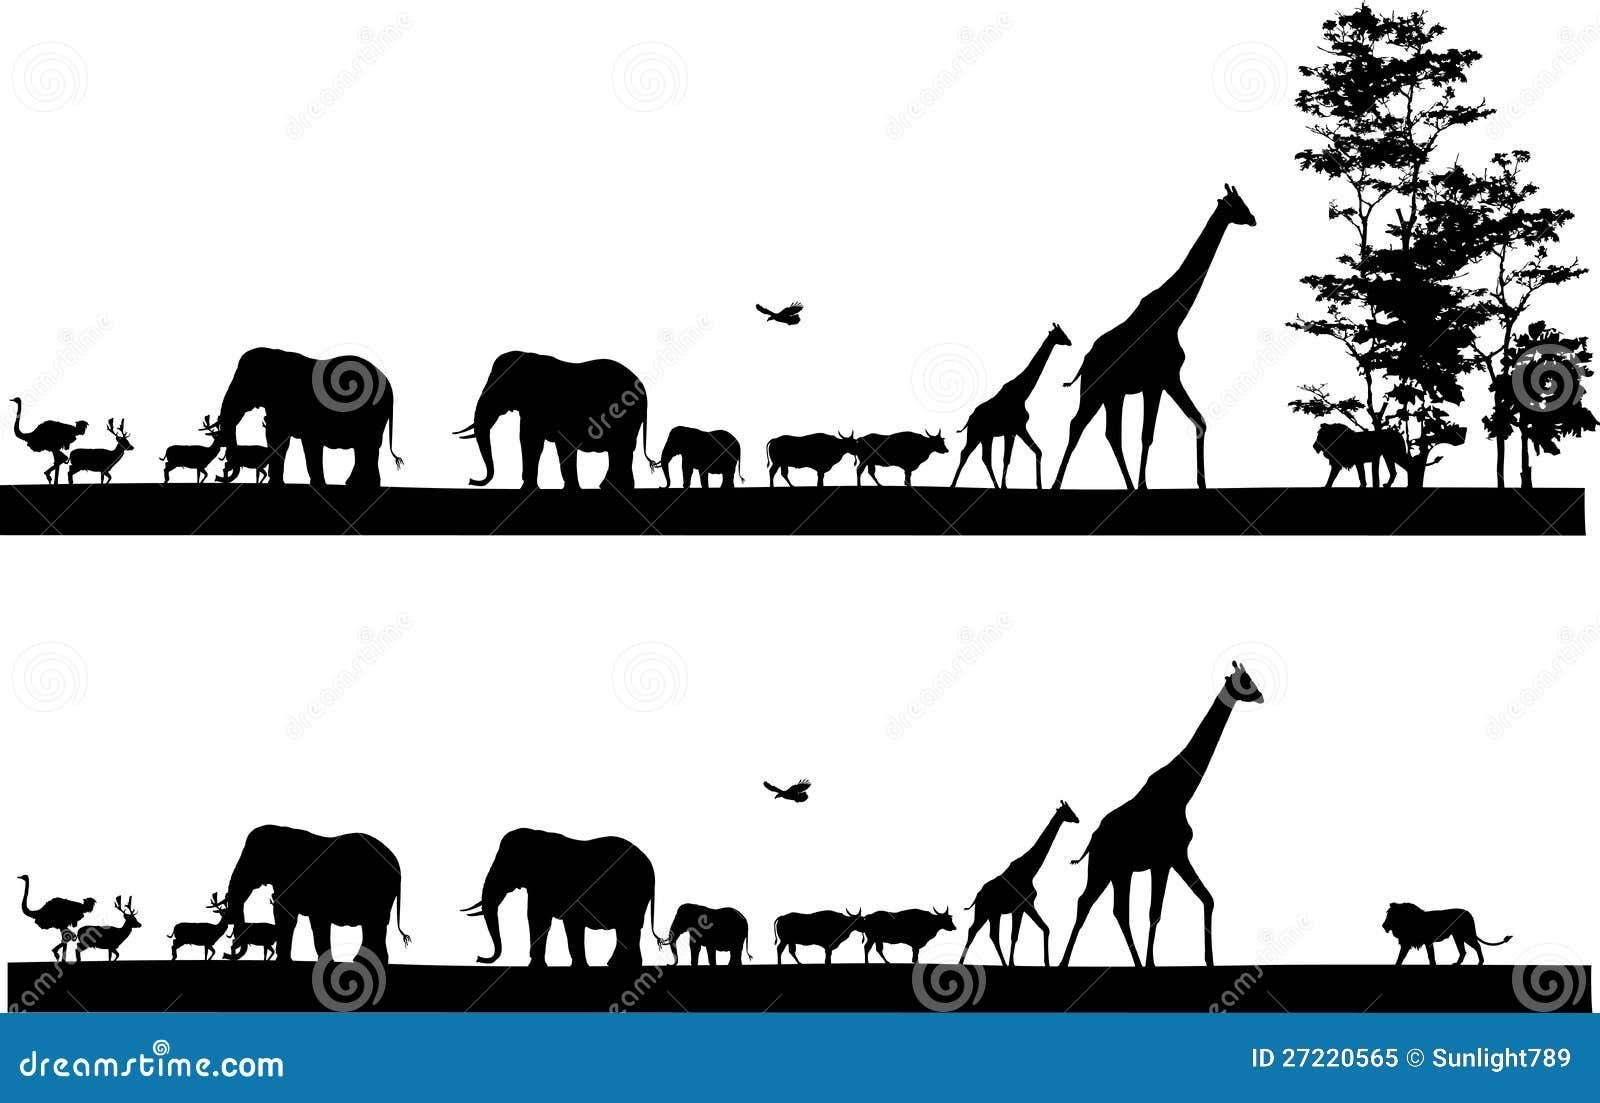 Siluetta dell animale di safari